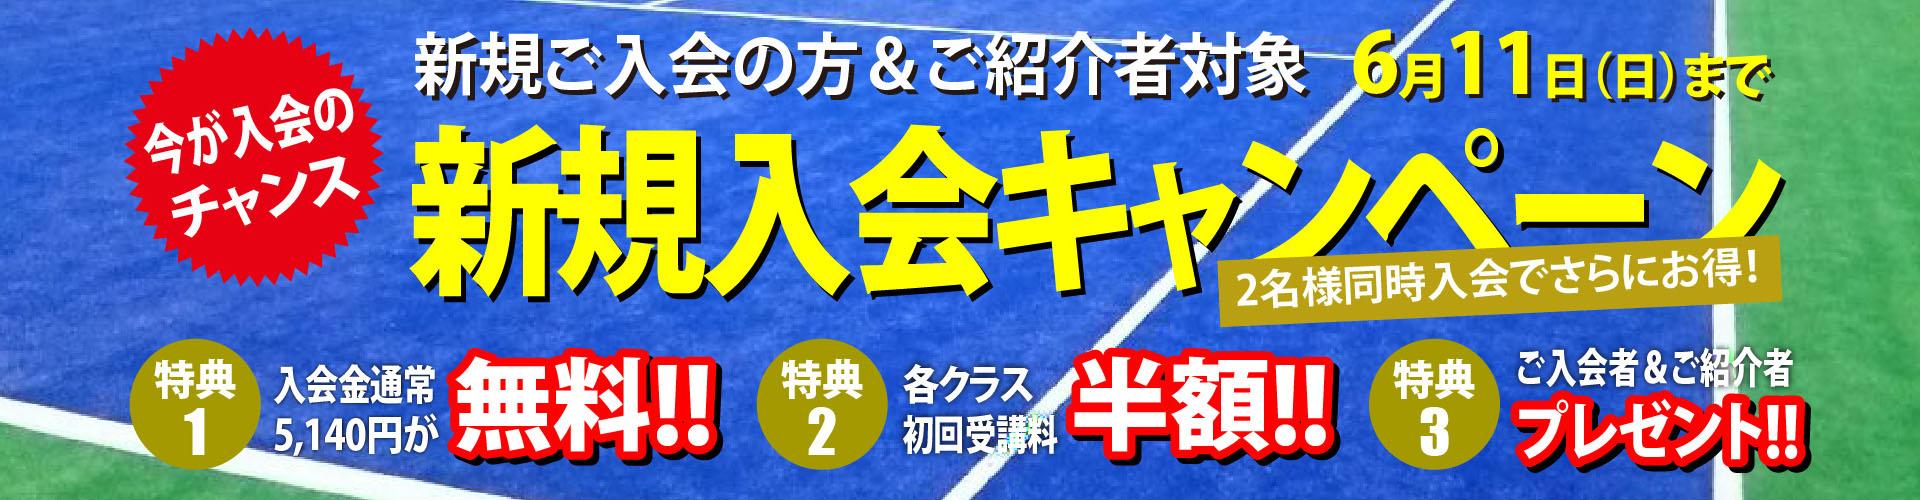 2017「新規入会キャンペーン(ご紹介特典付)」開催中!